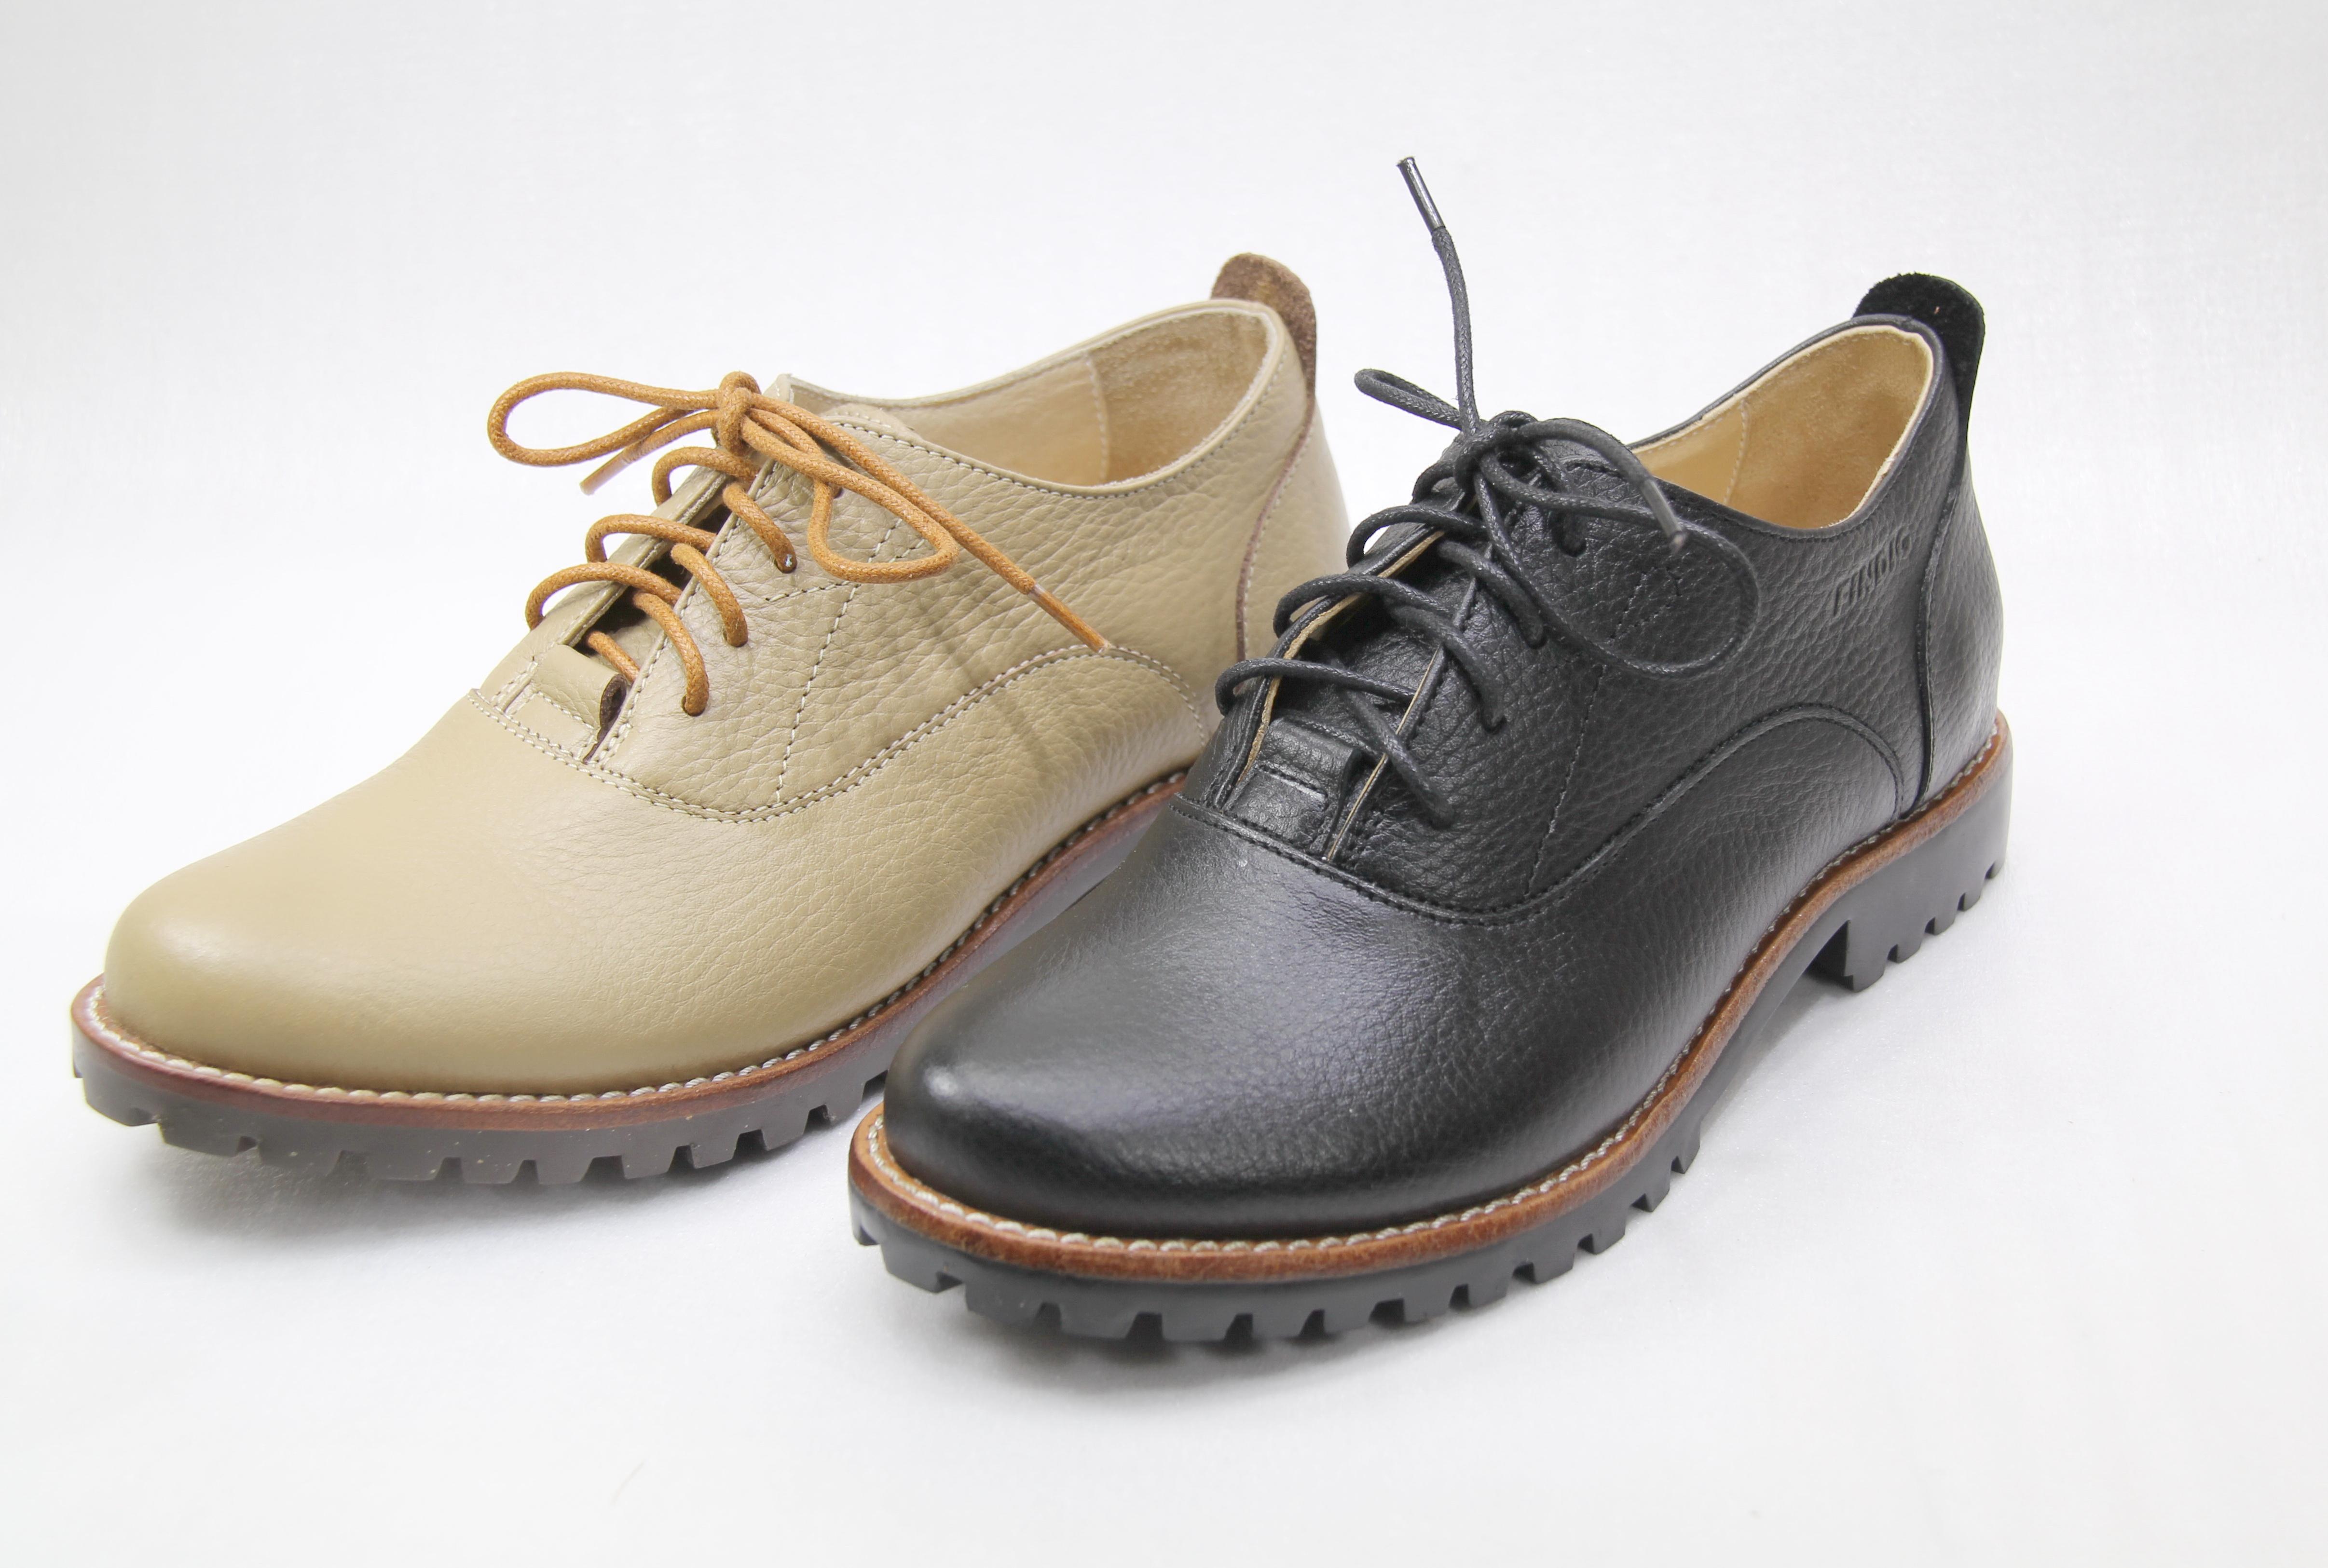 รองเท้าผู้หญิงฟินดิจ รุ่น LH634